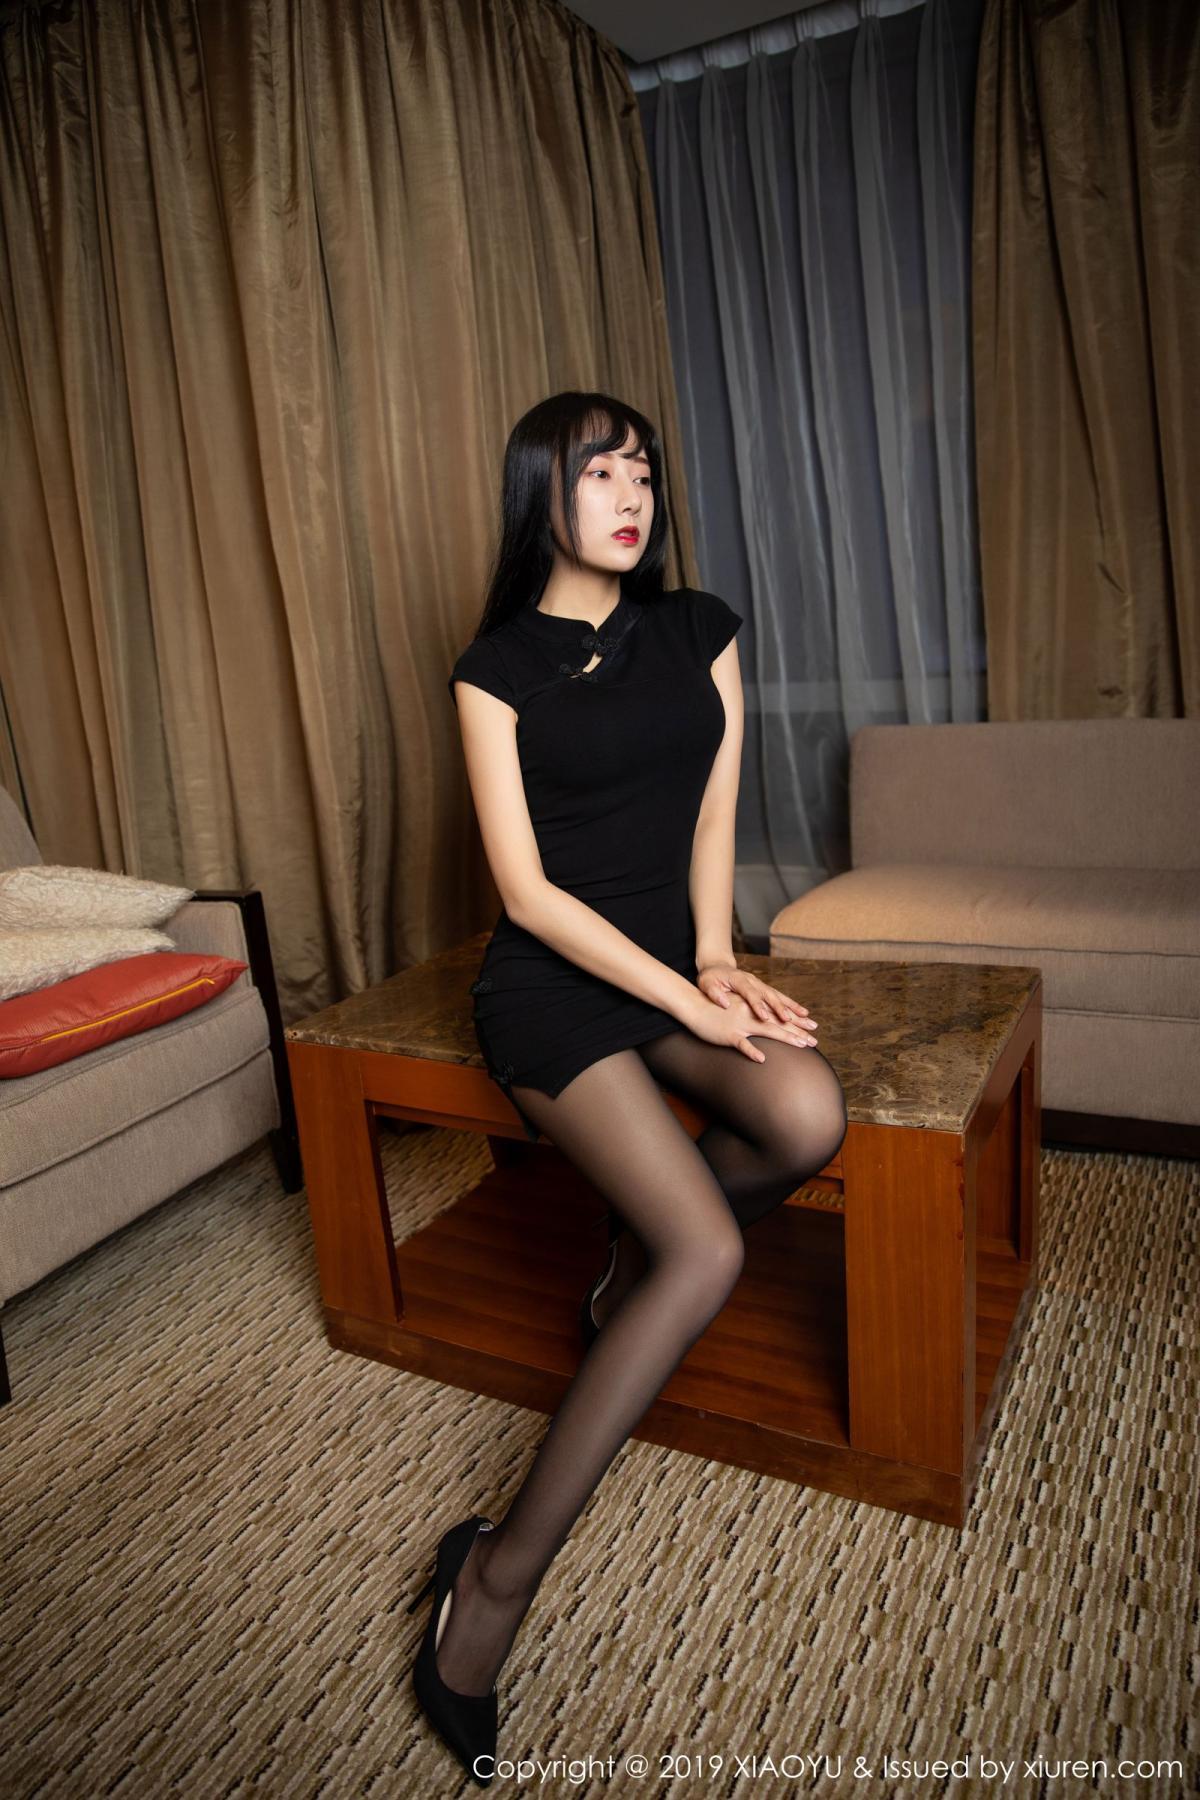 [XiaoYu] Vol.145 He Jia Ying 1P, Black Silk, He Jia Ying, Underwear, XiaoYu